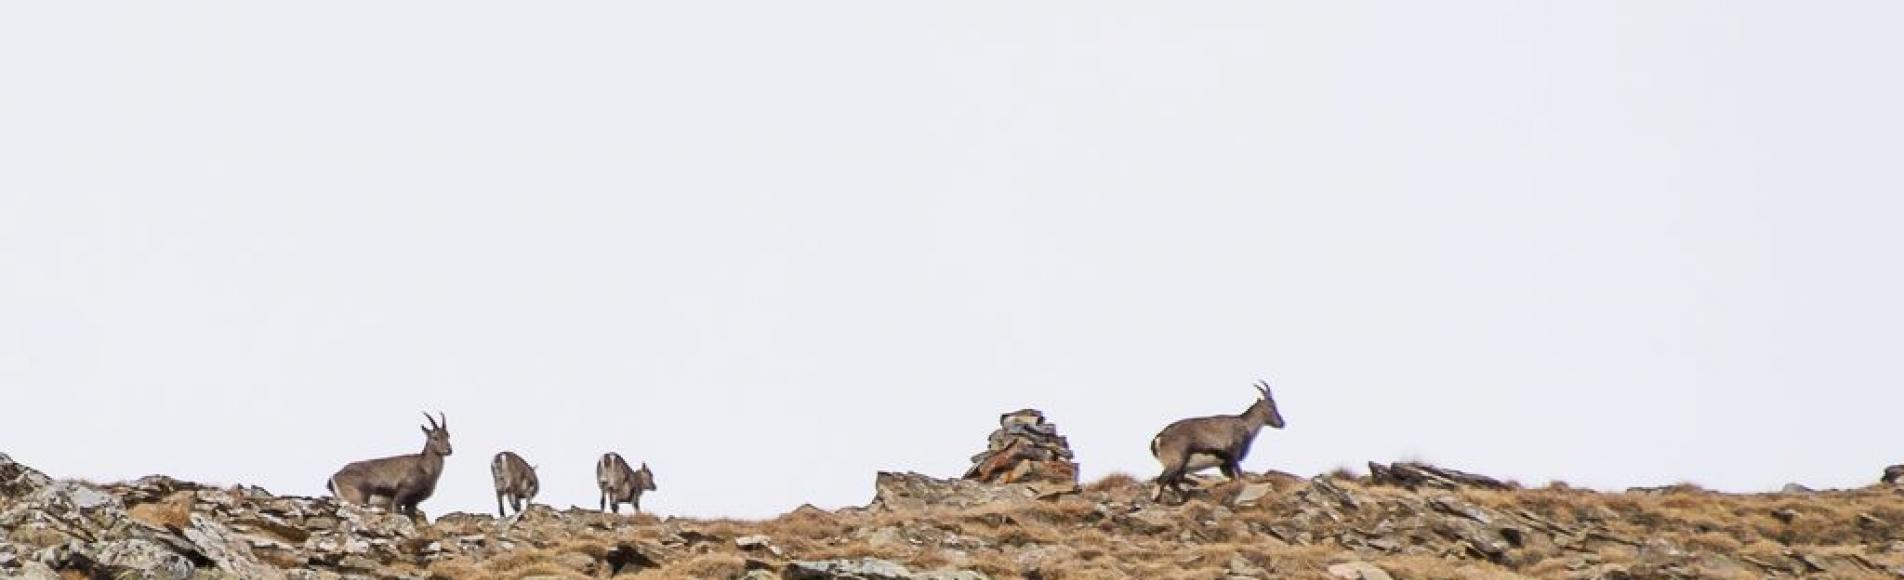 Etagnes et cabris dans le vallon de Chargès © Mireille Coulon, Parc national des Ecrins